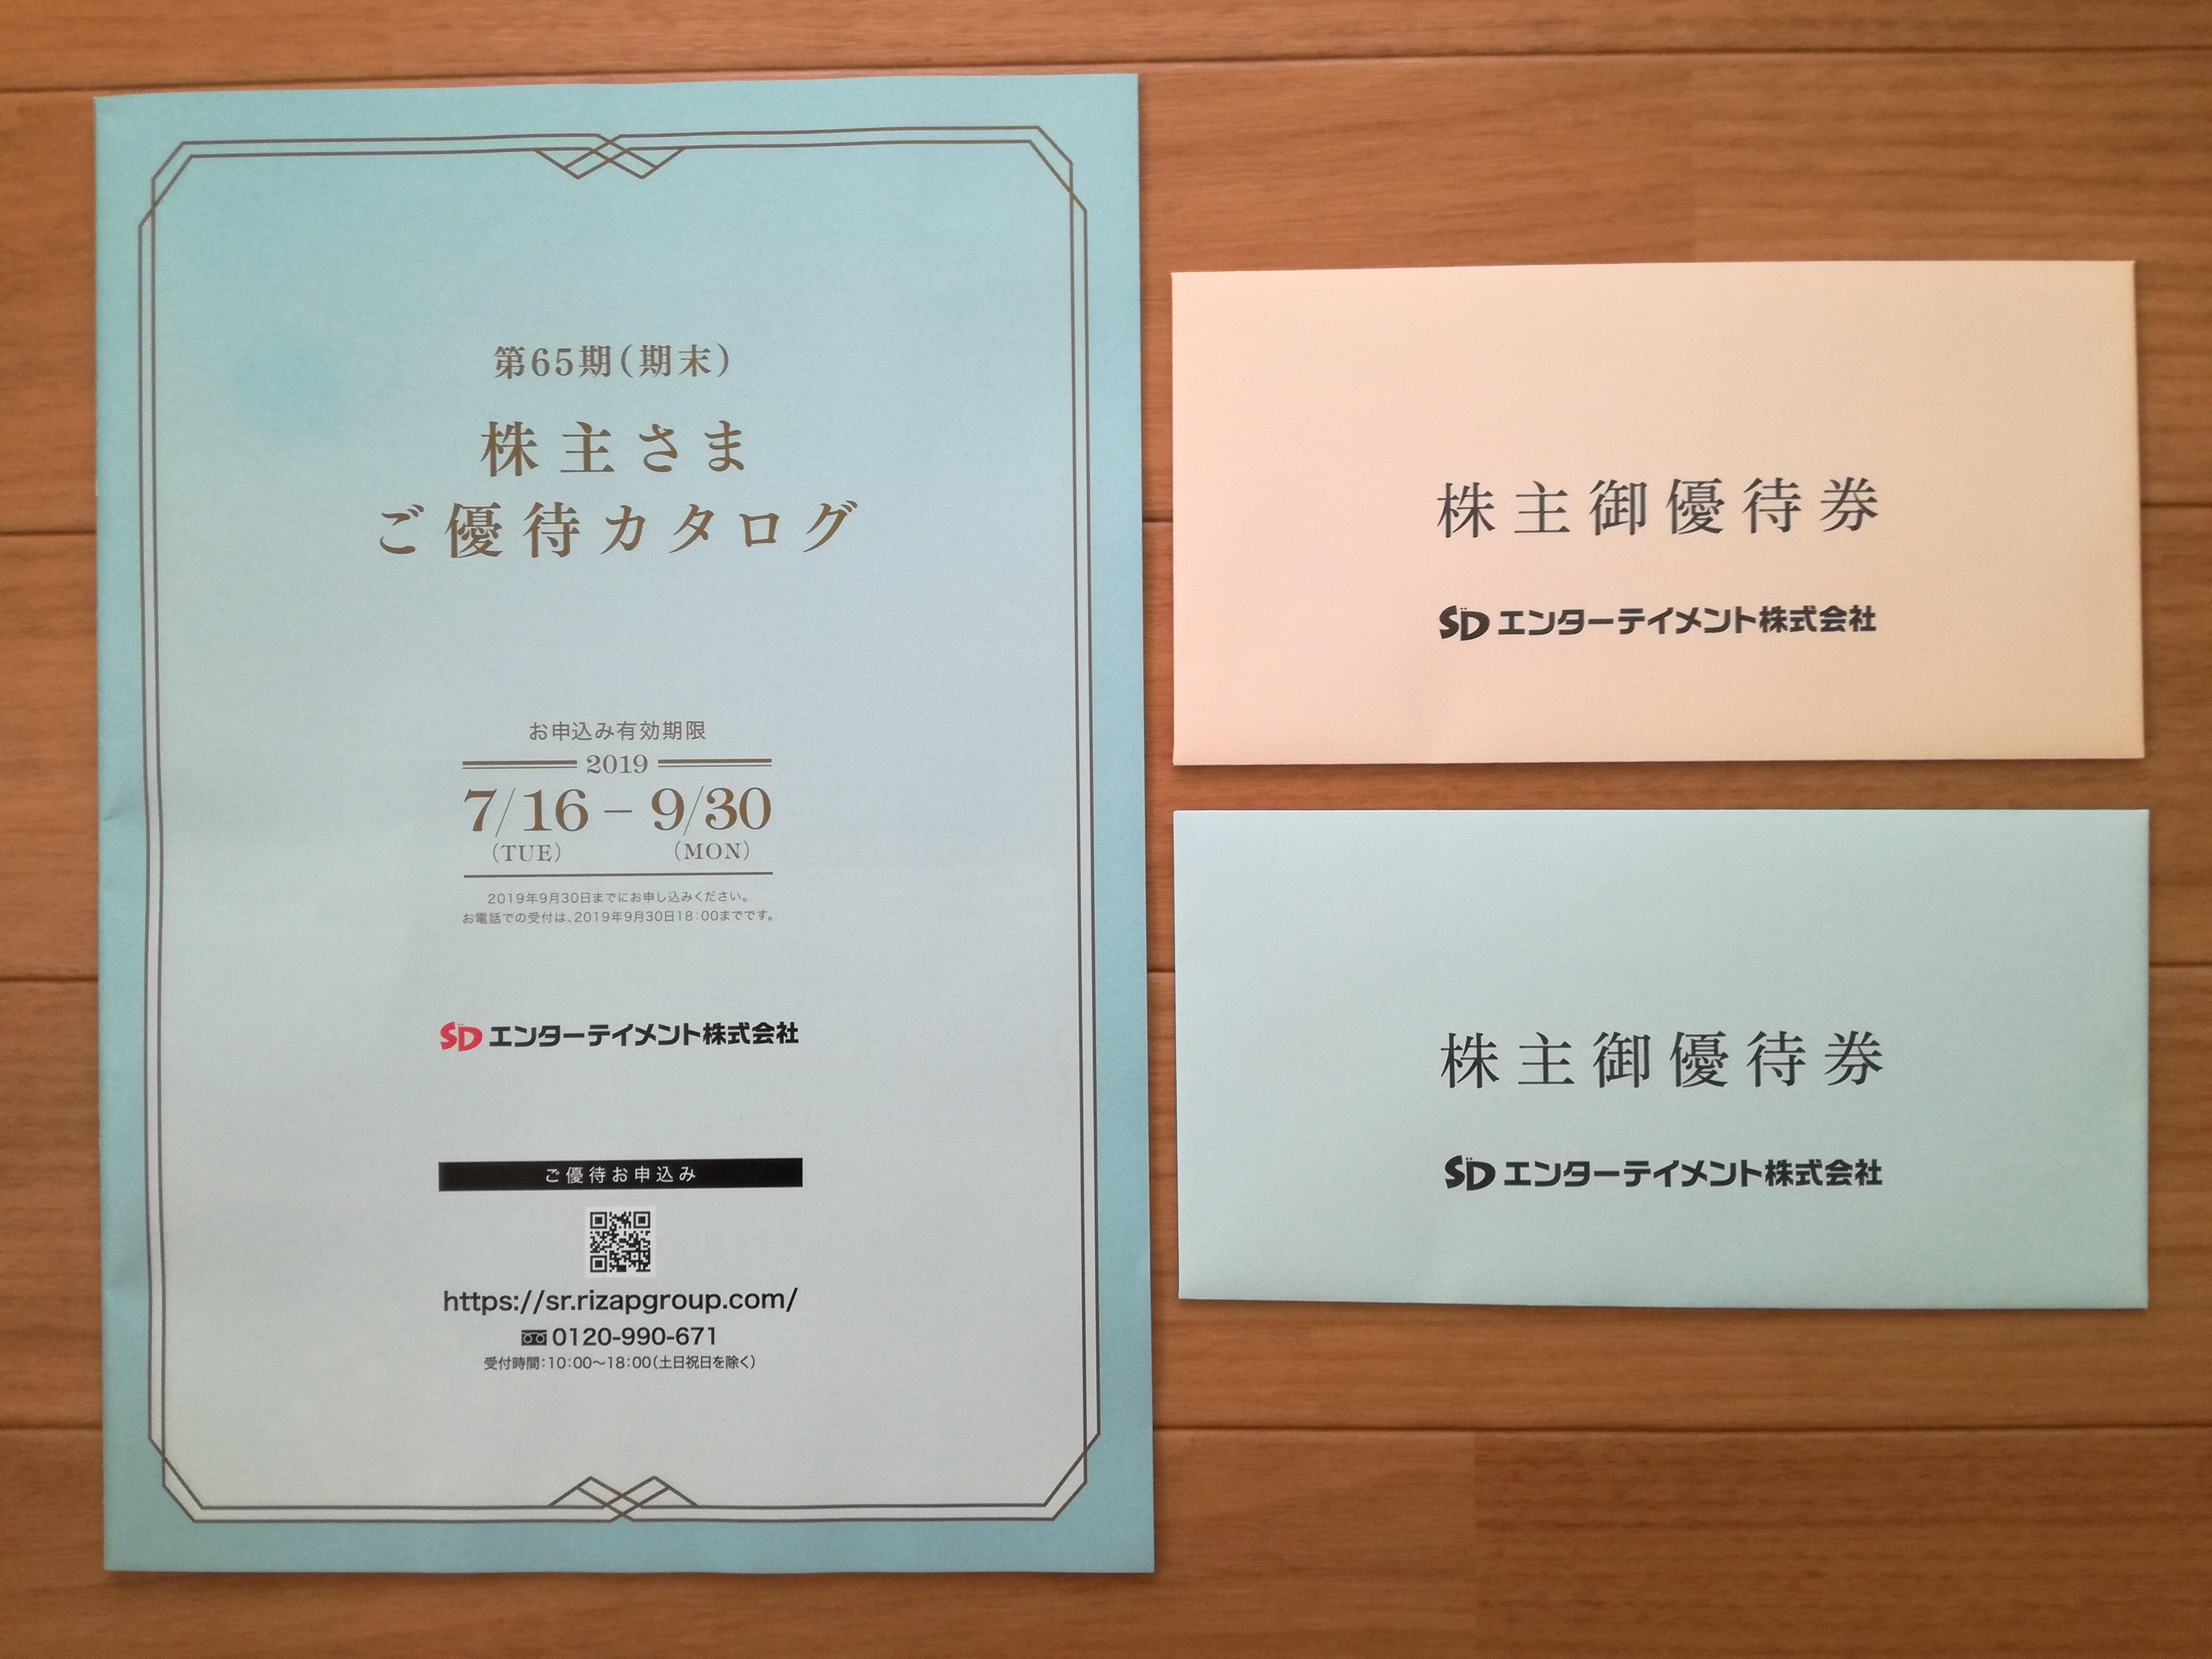 株主優待変更のSDエンターテイメント(4650)から株主優待カタログが到着!